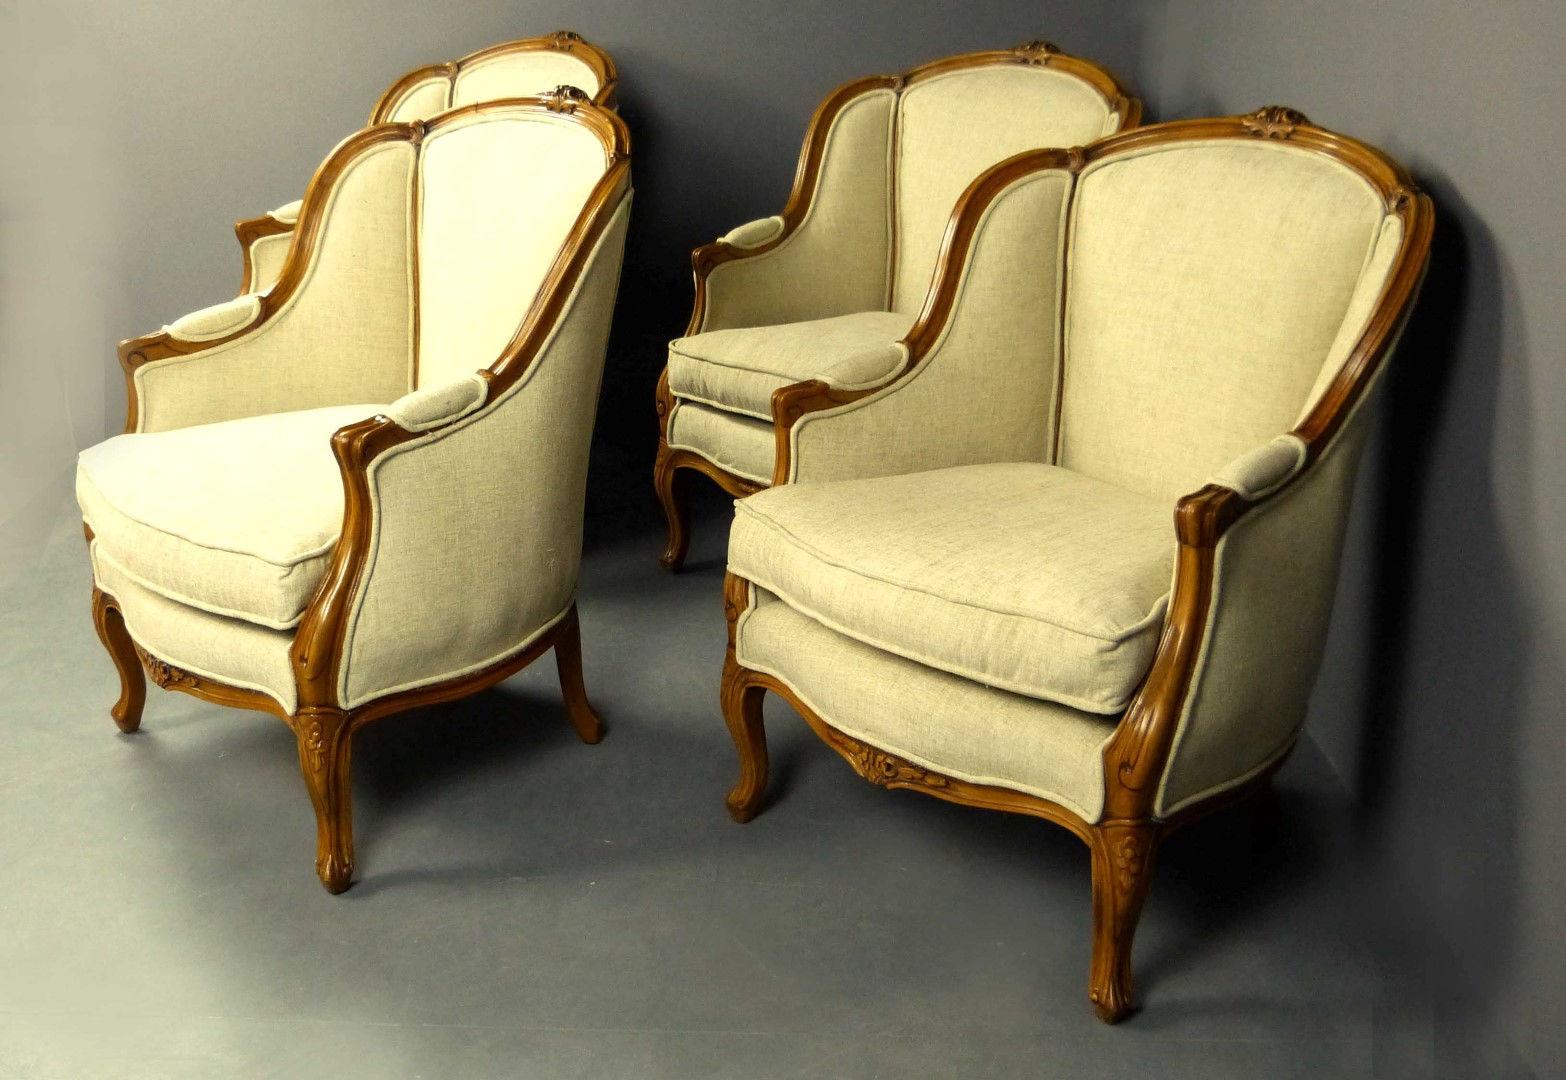 Image gallery sofas antiguos 1900 for Muebles antiguos todocoleccion